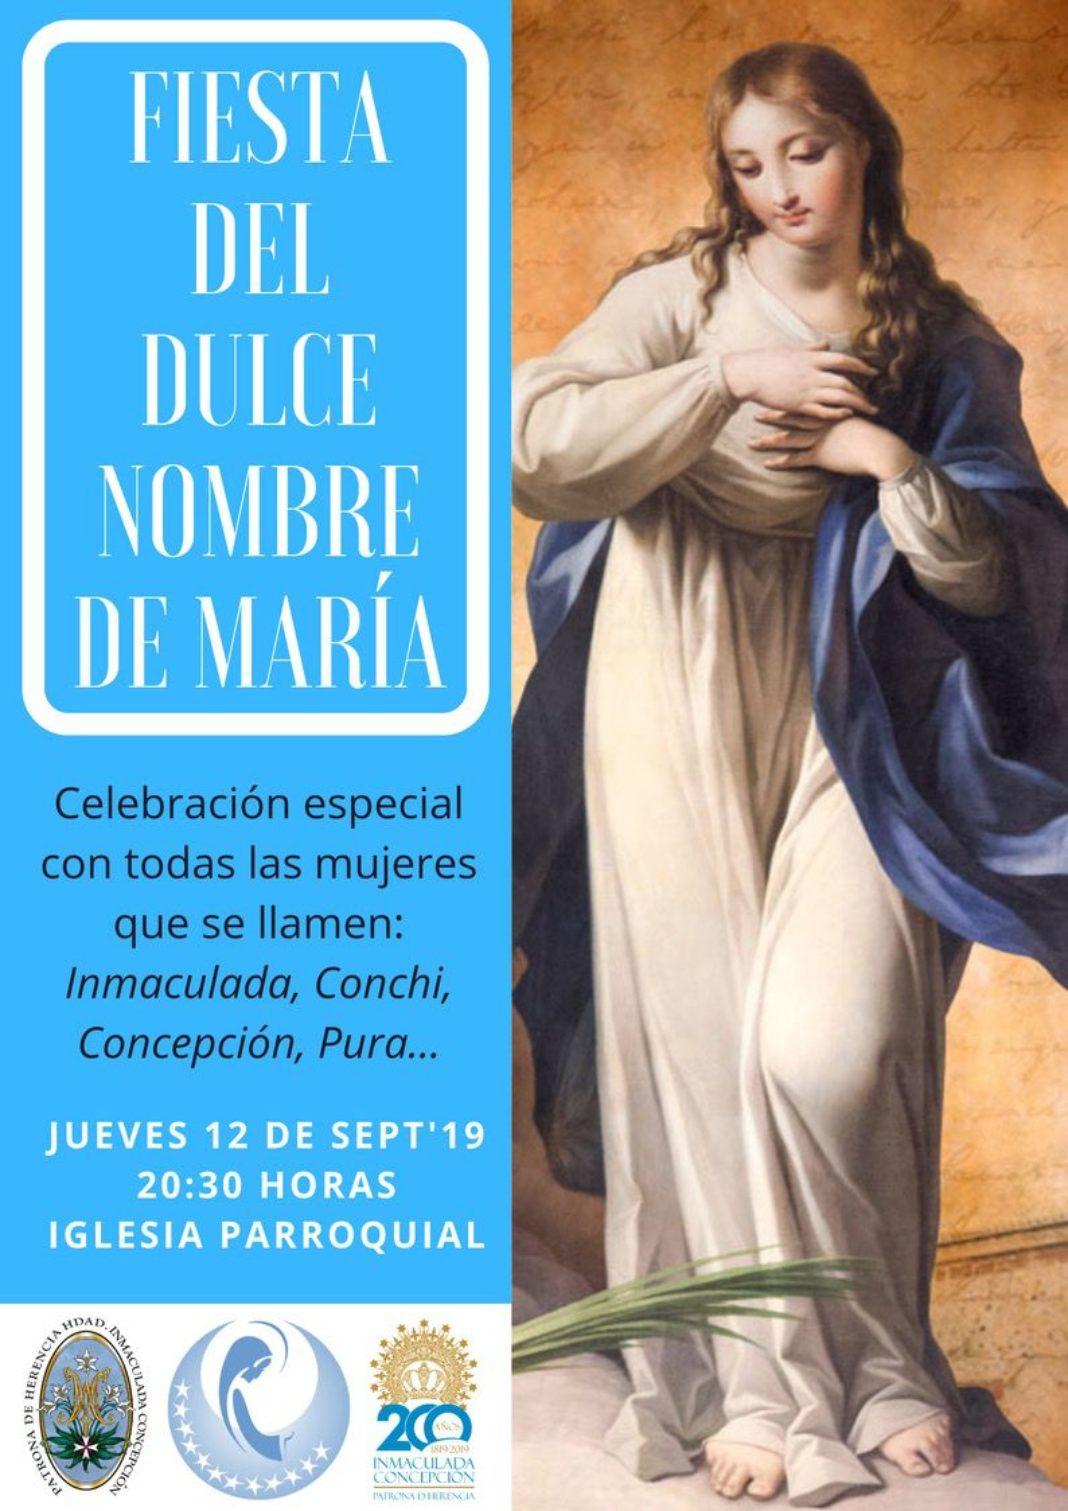 Todas las Inmaculadas, Concepciones y Puras convocadas a celebrar juntas el Dulce Nombre de María 4